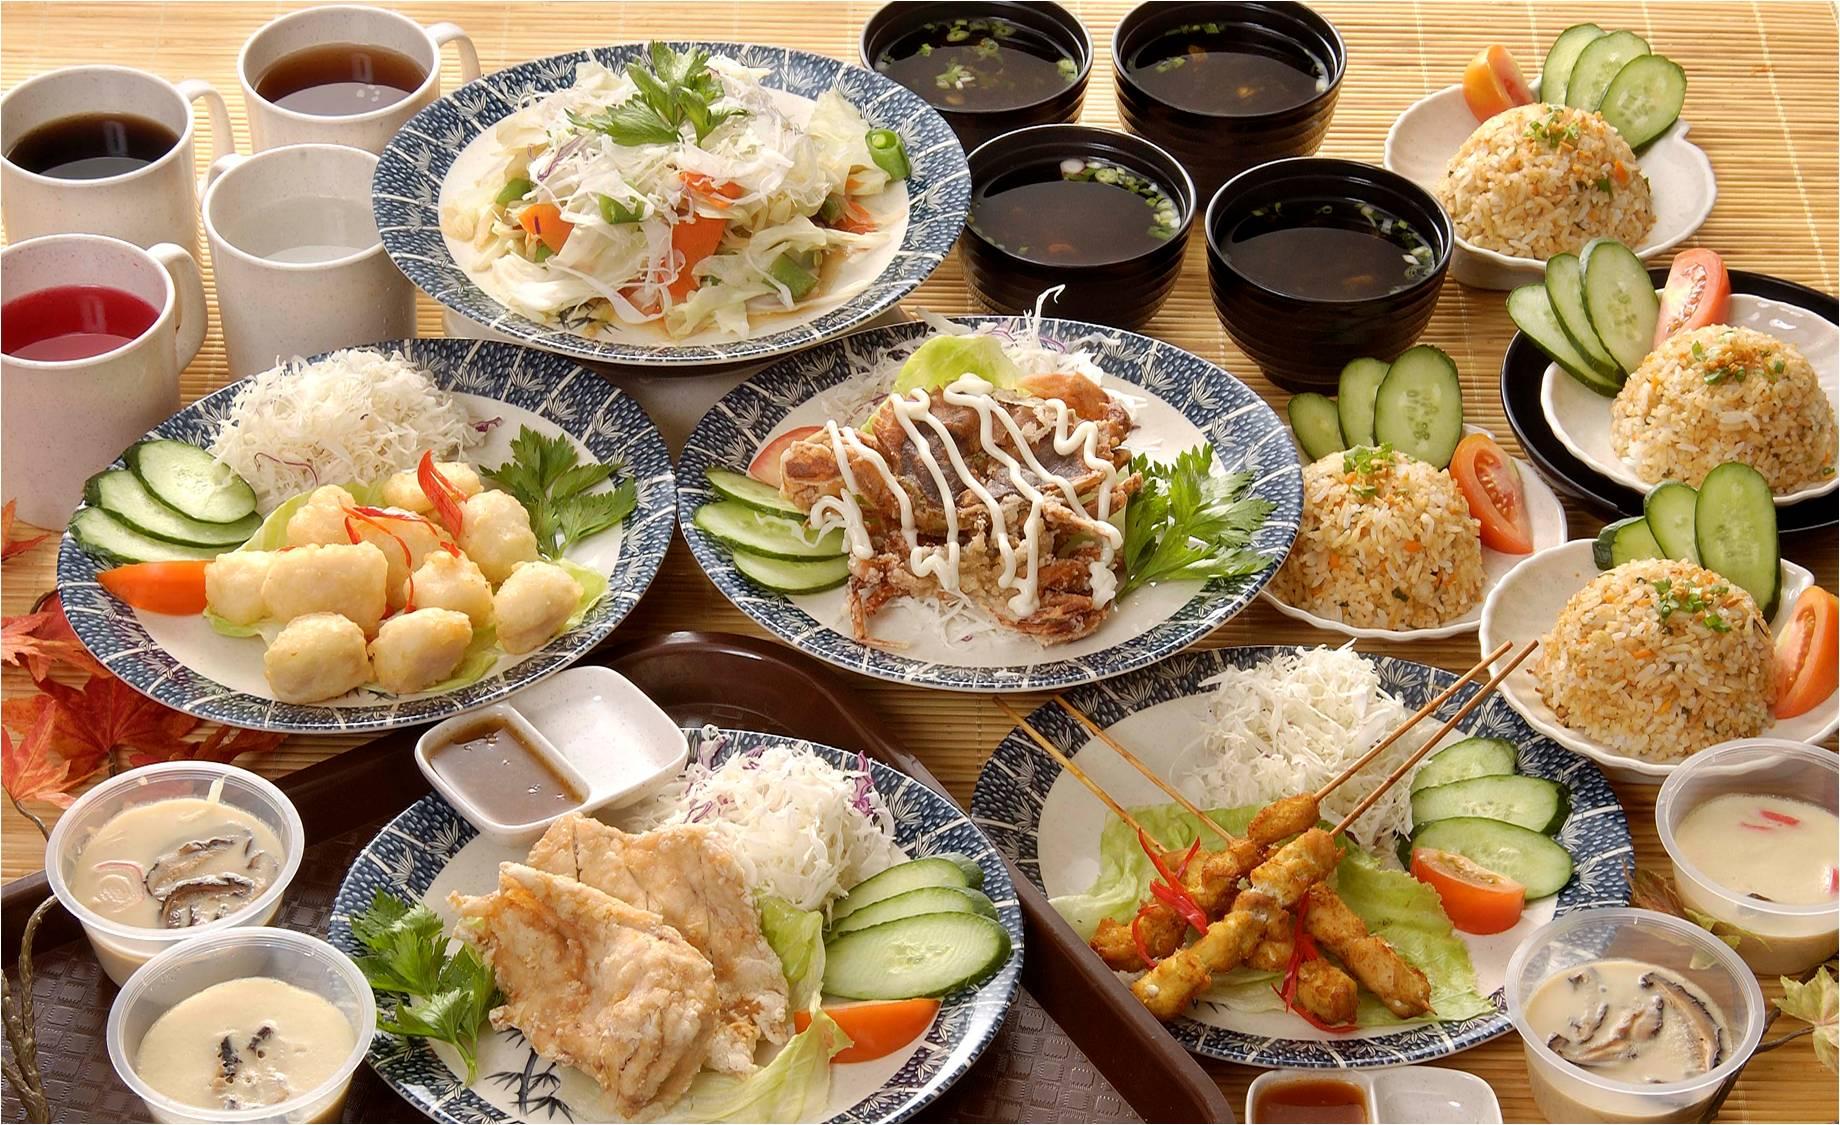 Image Result For Resep Masakan Sehari Hari Sederhana Yang Enak